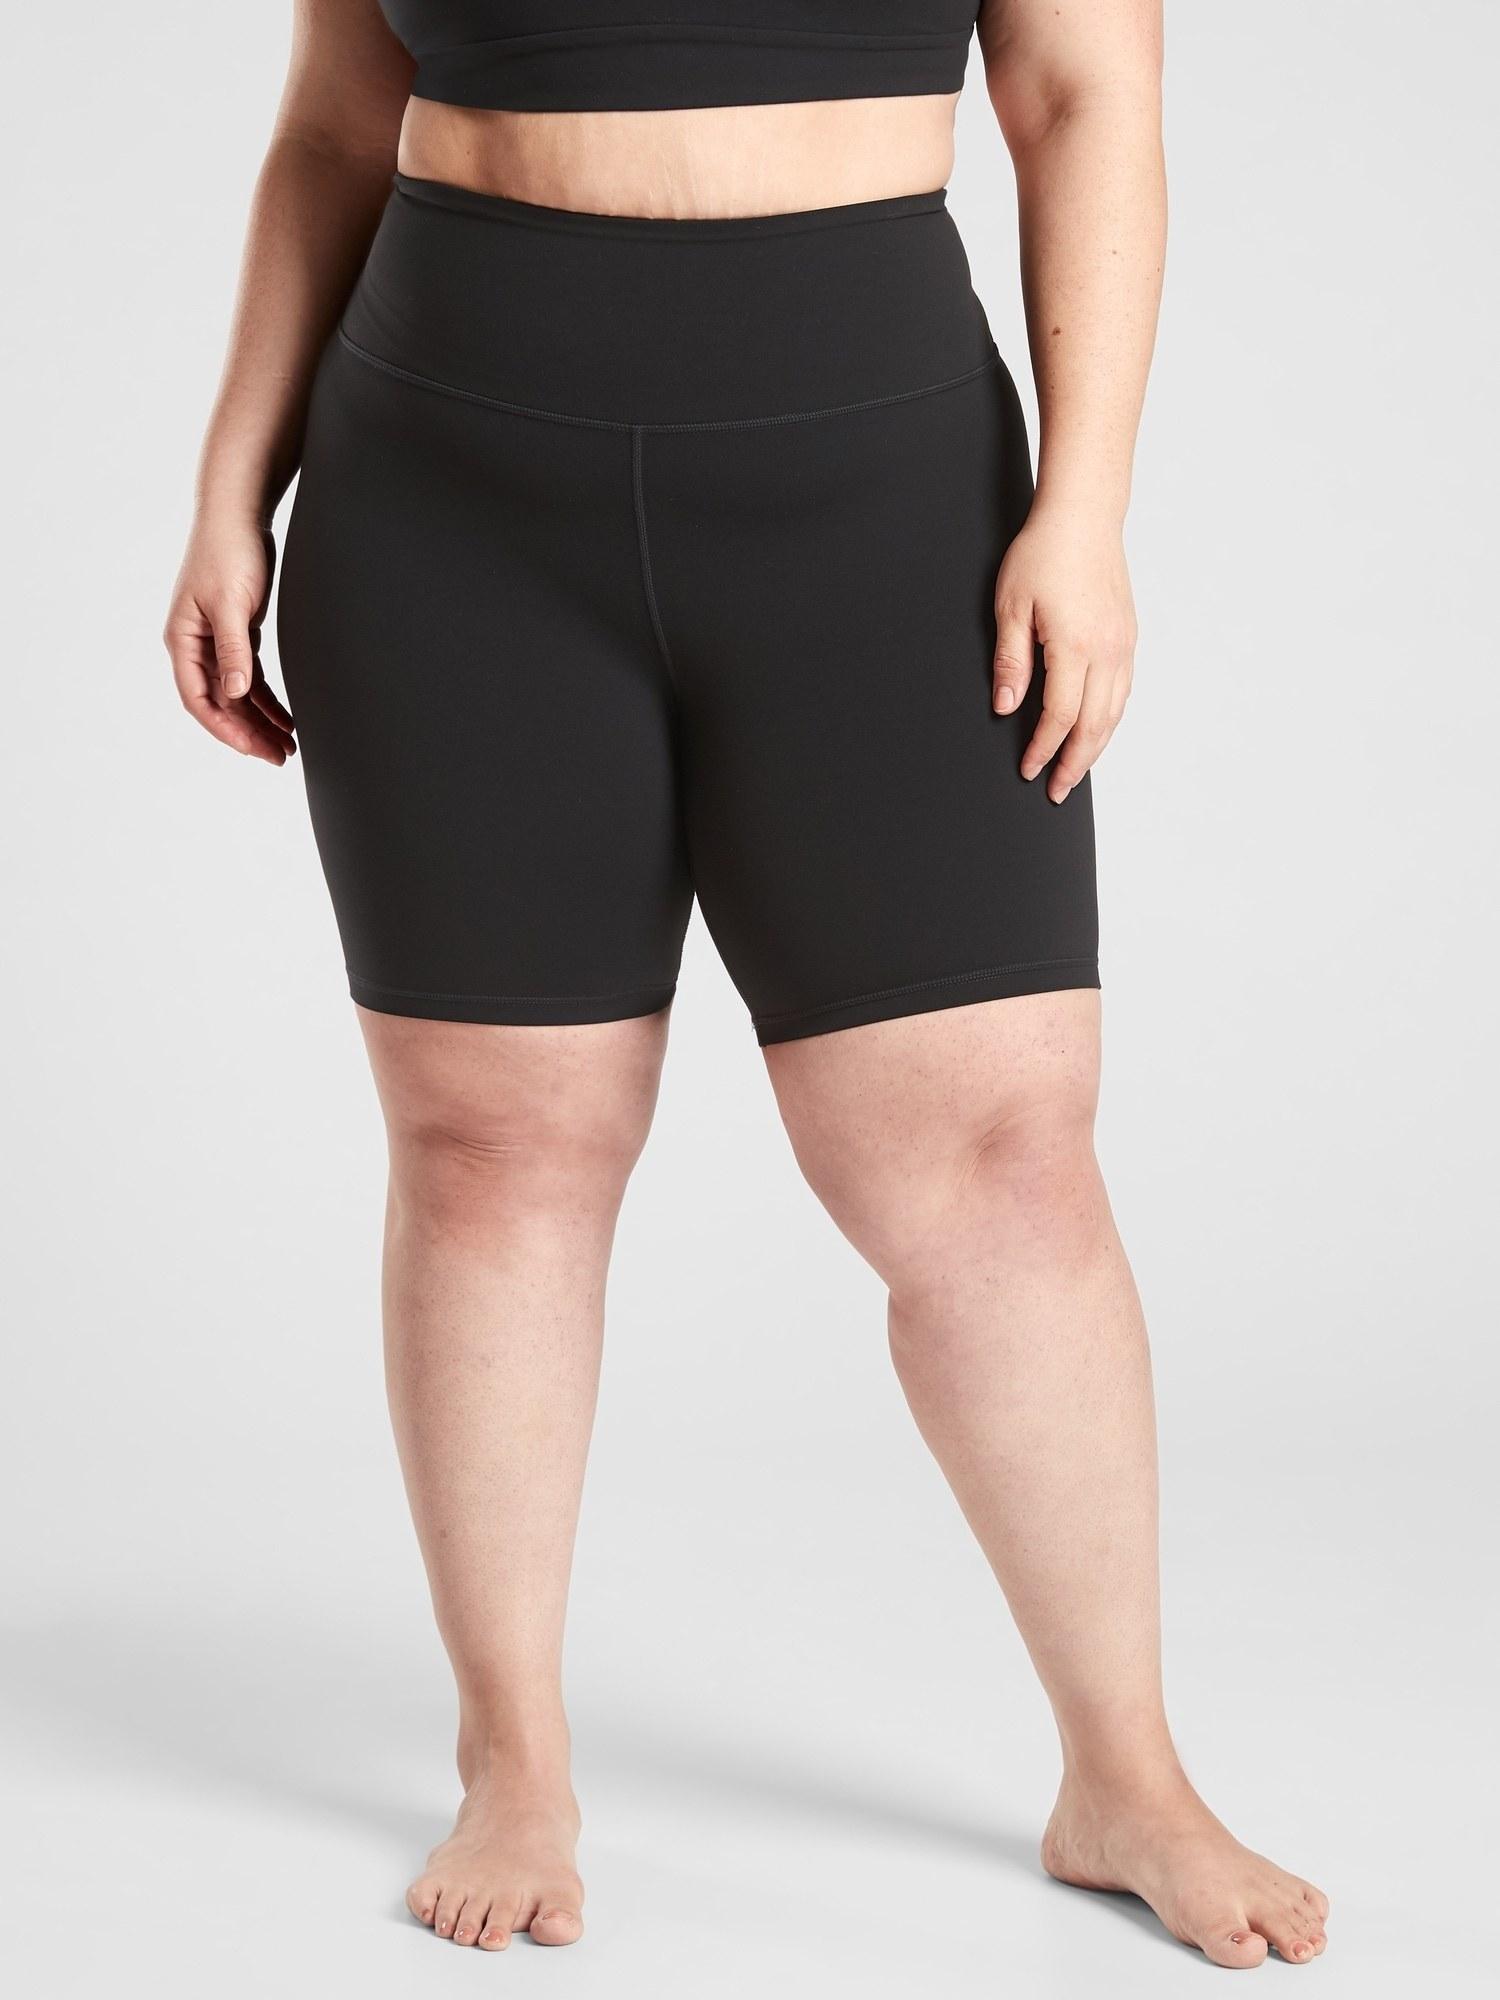 model wearing bike shorts in black